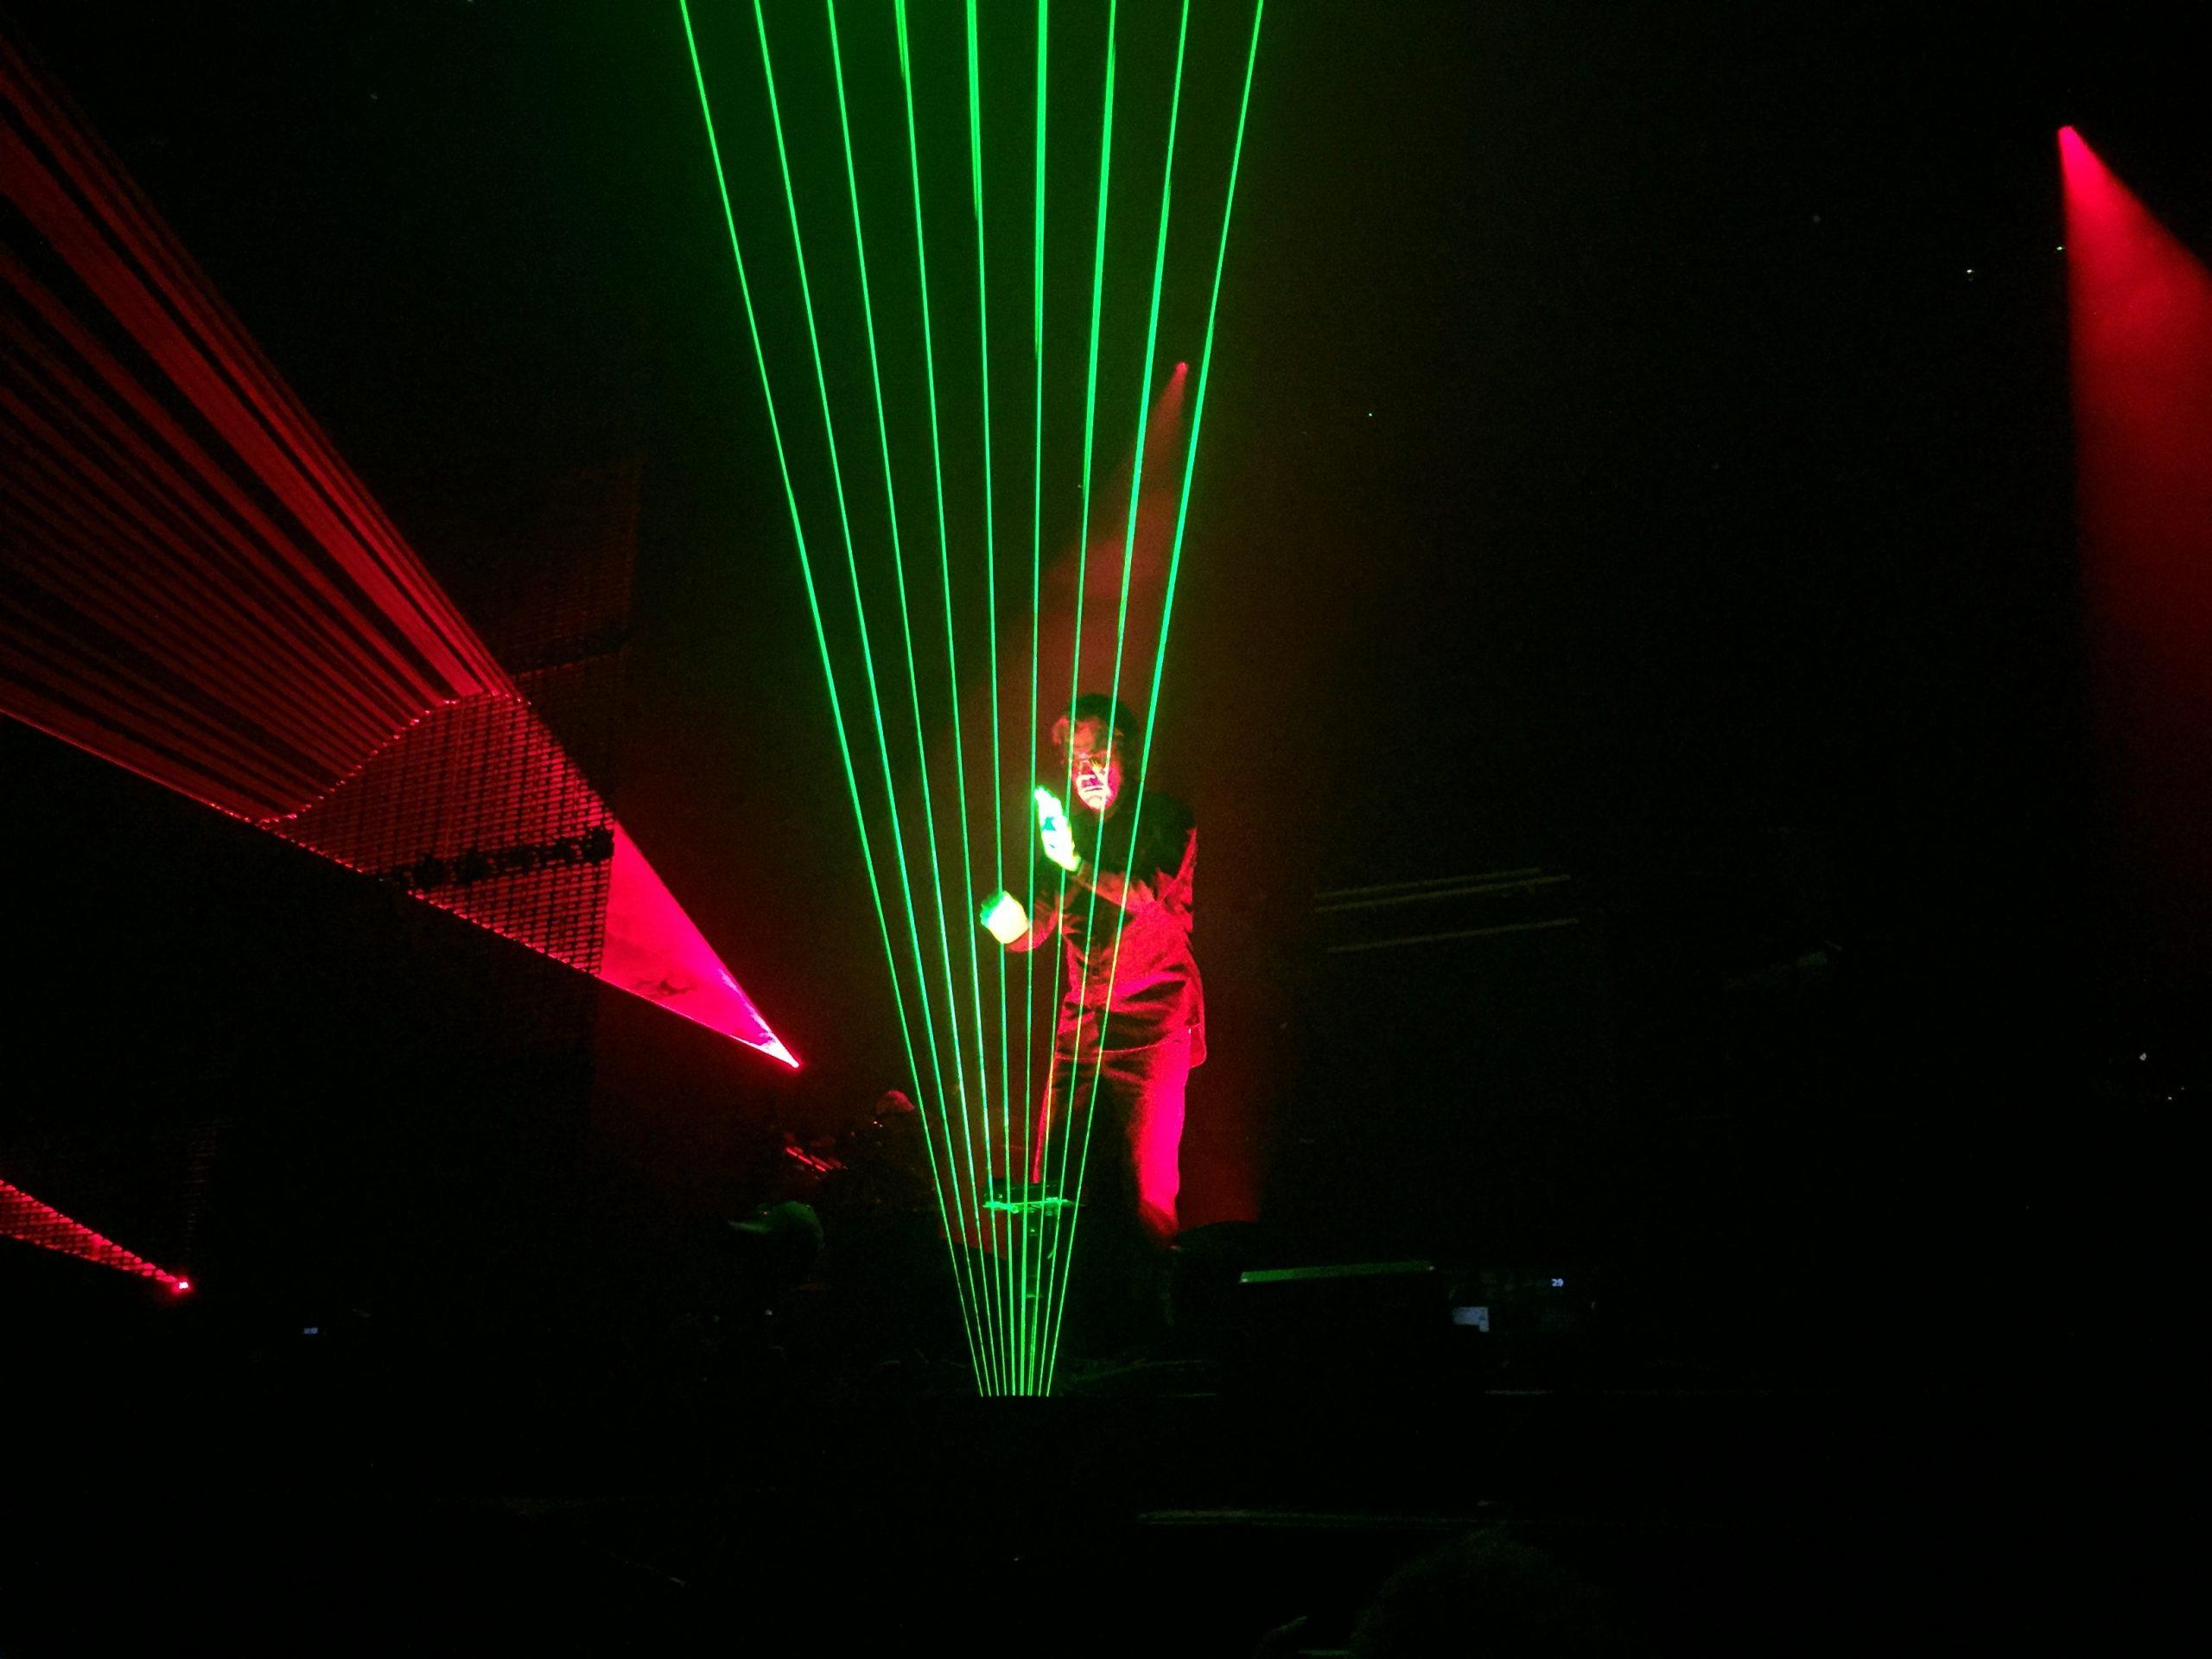 UTFORDRENDE: Jean-Michel Jarre satser ikke på gamle hits i Oslo Spektrum 28. oktober 2016, men konserten har flere elementer som kjennetegner ham, som laserharpen. Foto: Martin Aasen Wright